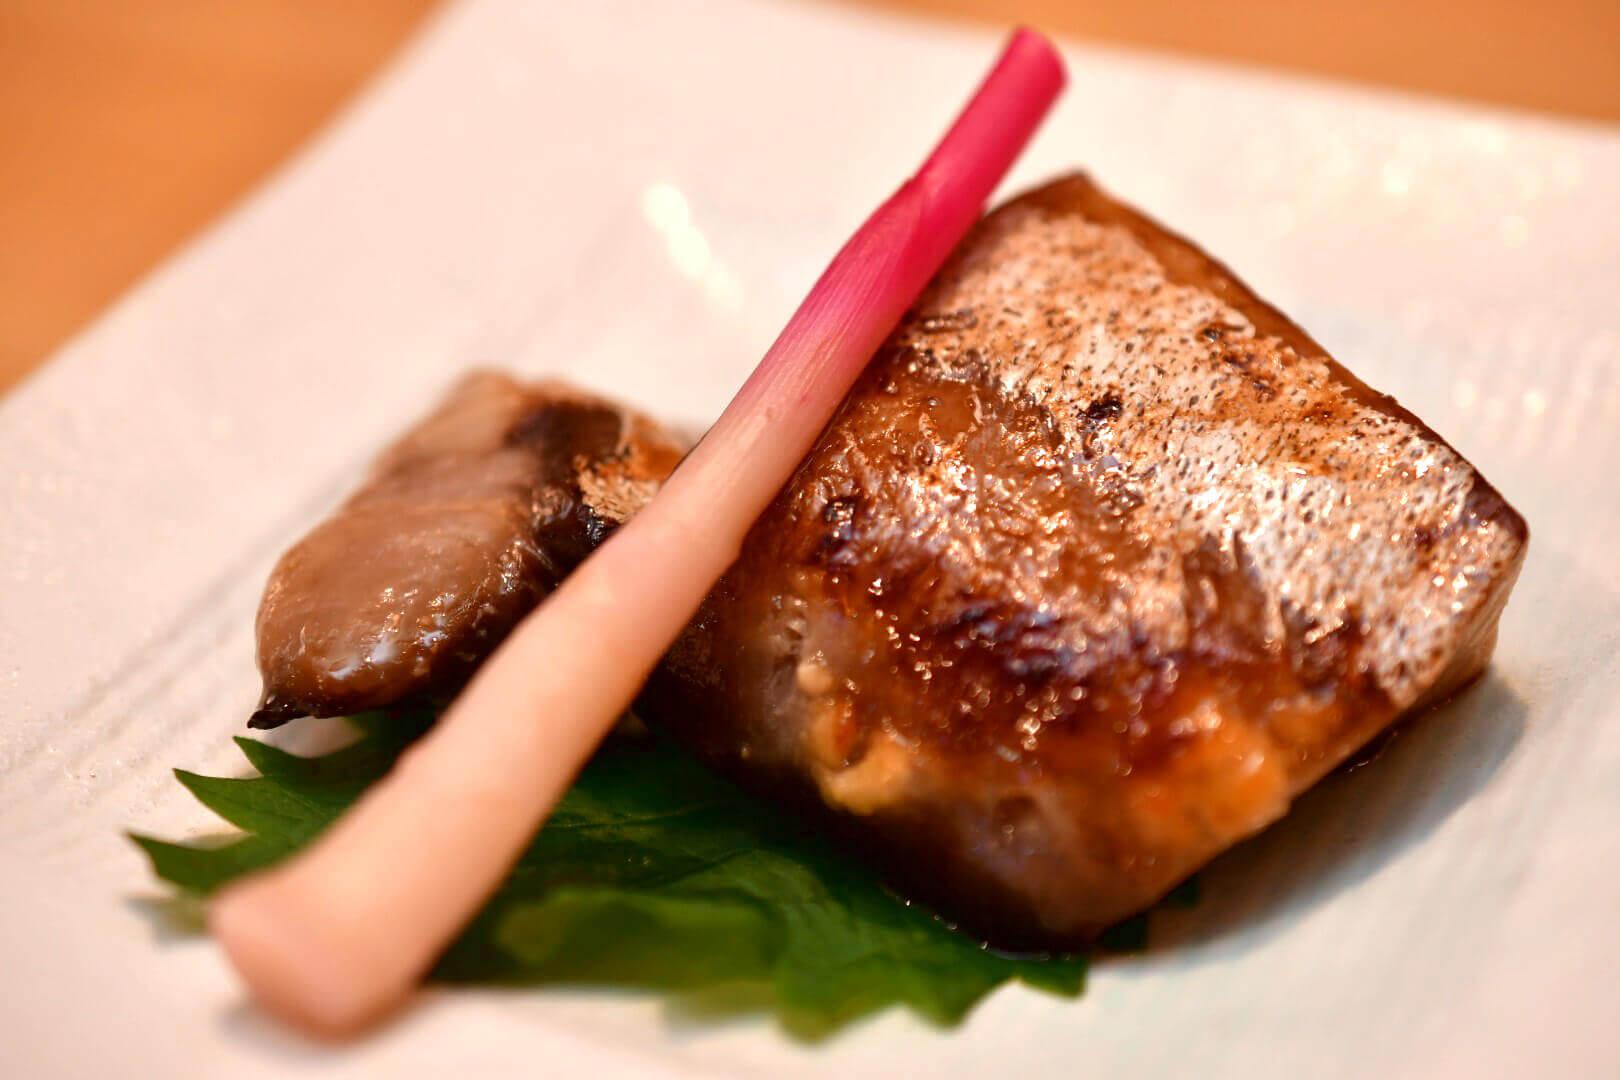 ぶり粕味噌焼き - 札幌 居酒屋道